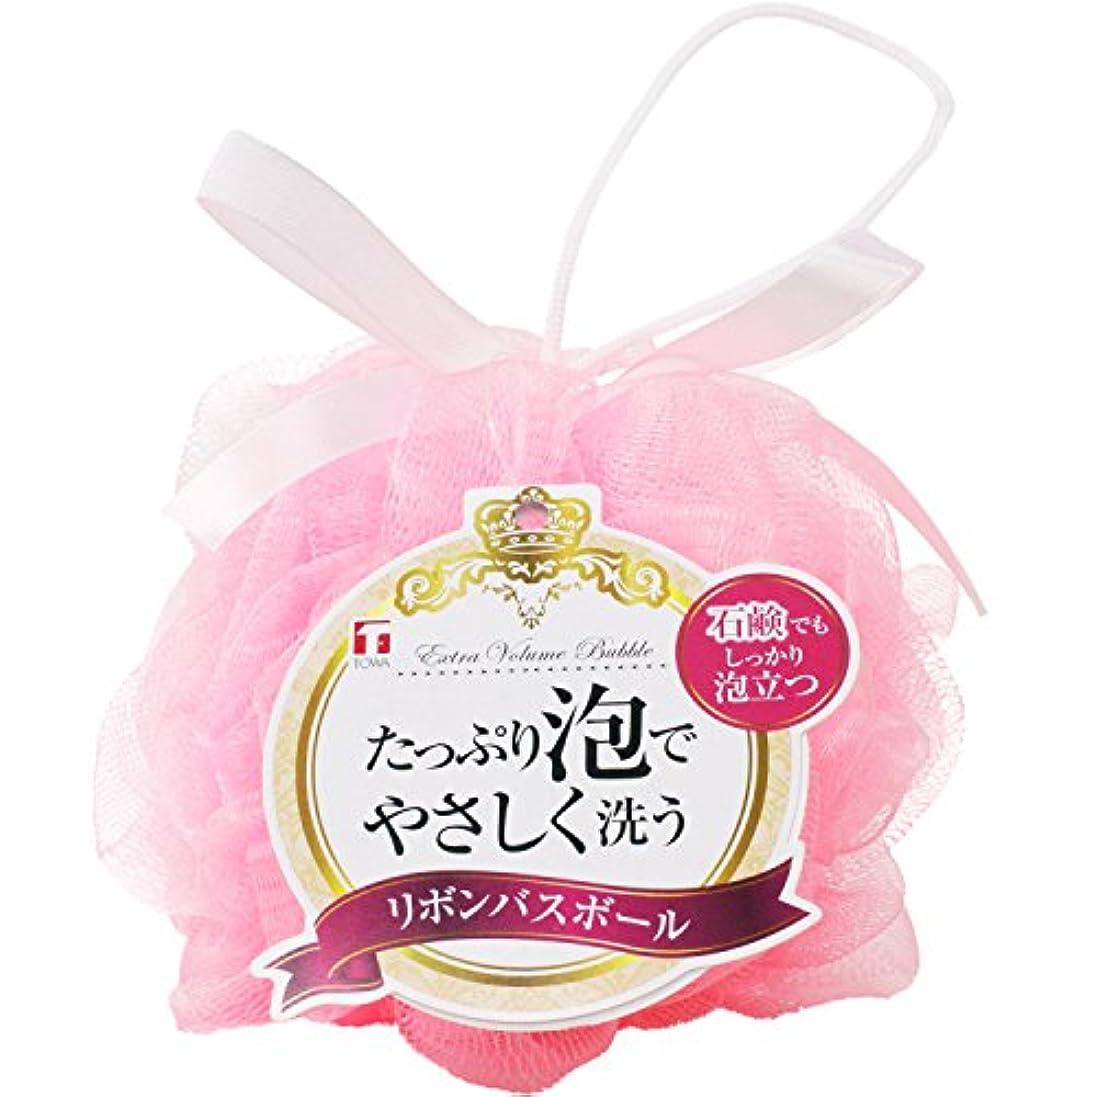 専門知識分解する踊り子東和産業 泡立てネット リボン バスボール ピンク 直径約14cm